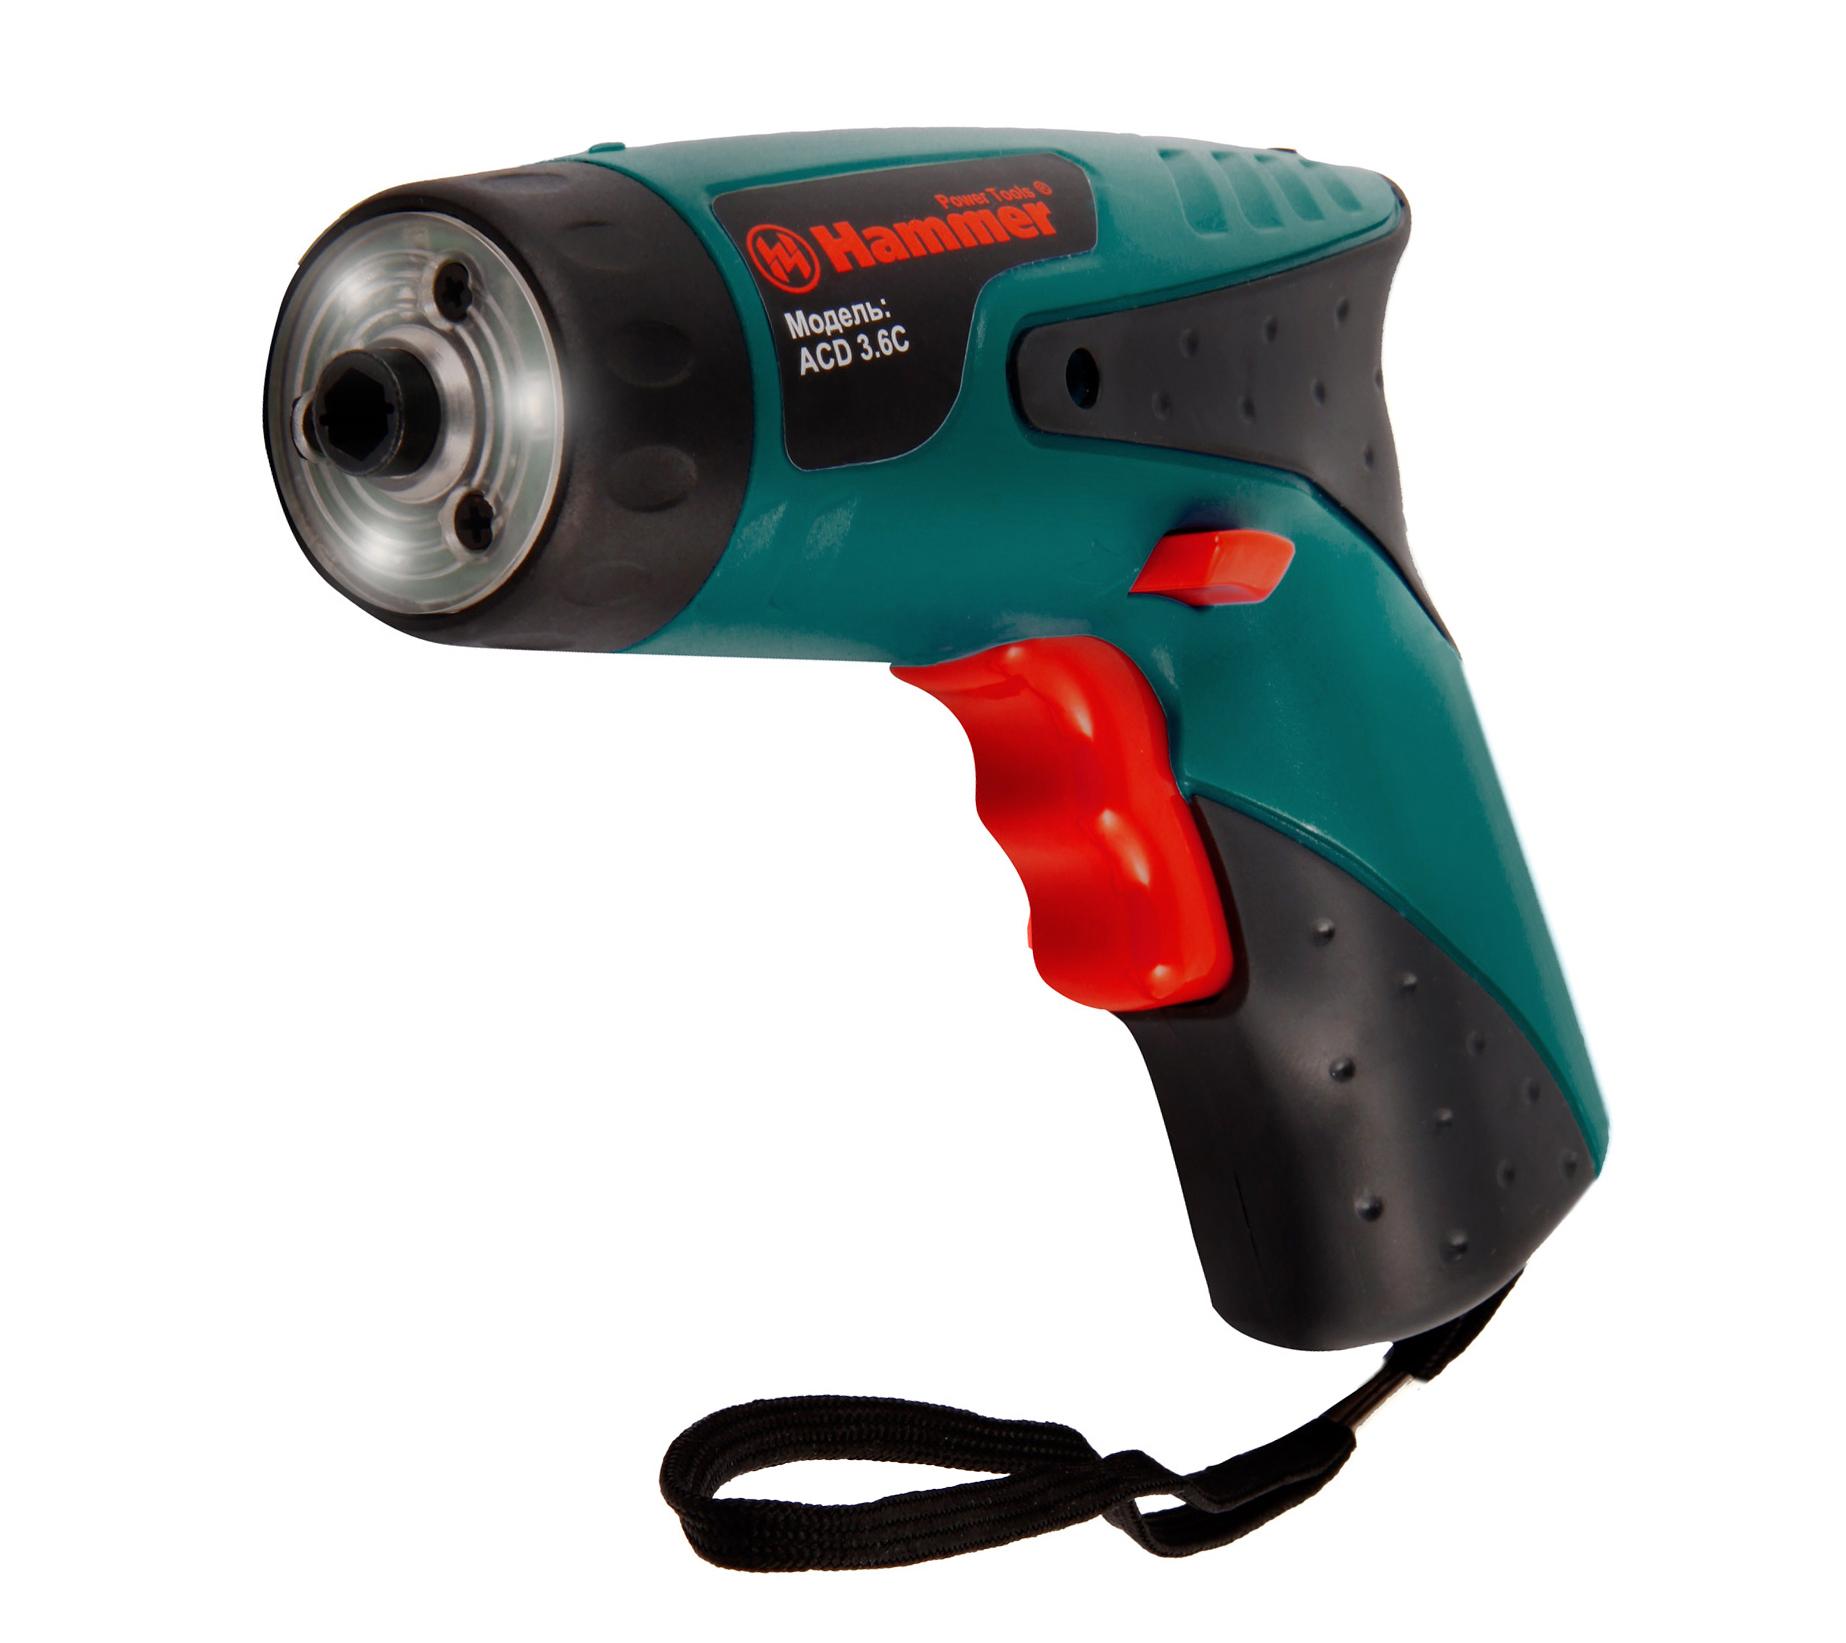 Отвертка аккумуляторная Hammer Acd 3.6c premium  hammer acd3 6c premium аккумуляторная отвертка